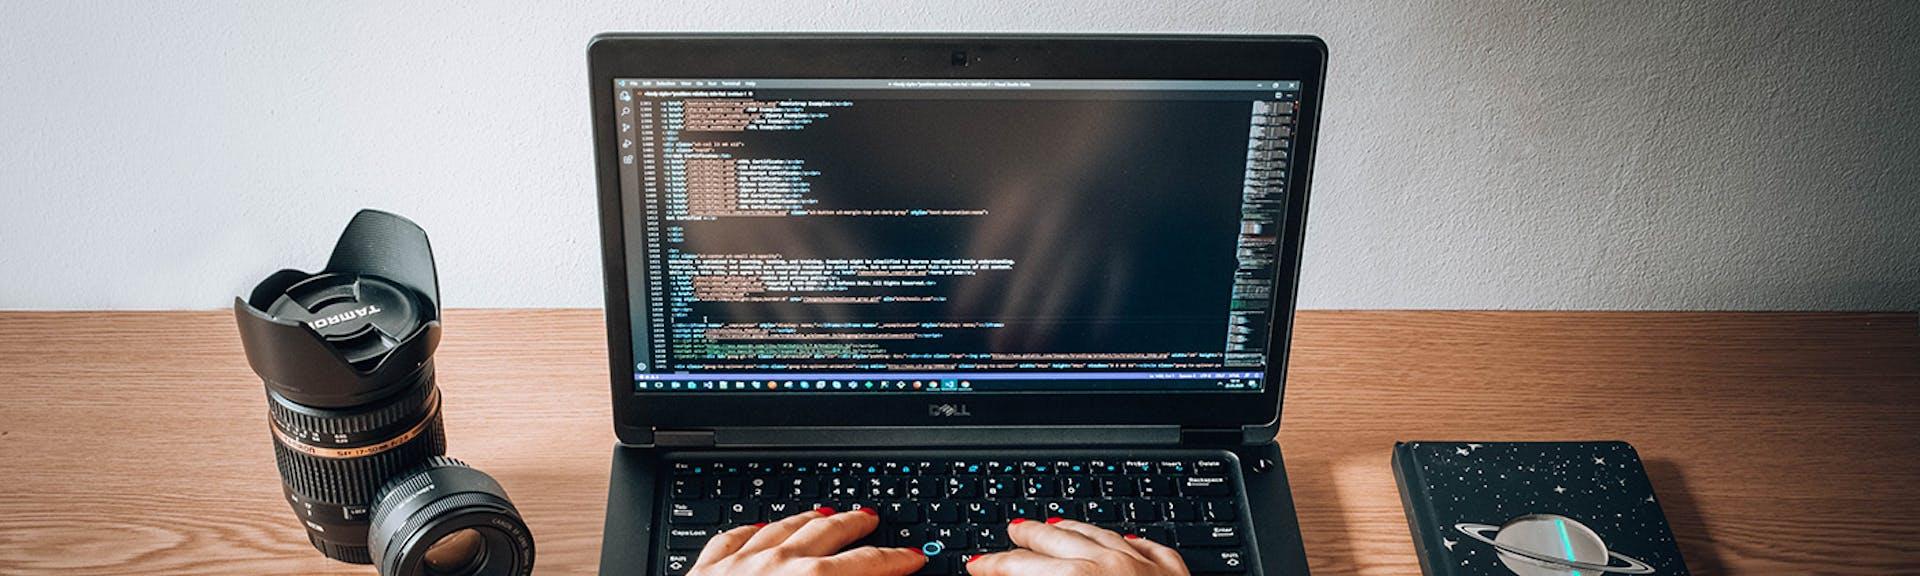 ¿Qué es una variable en programación? Los básicos del lenguaje del futuro